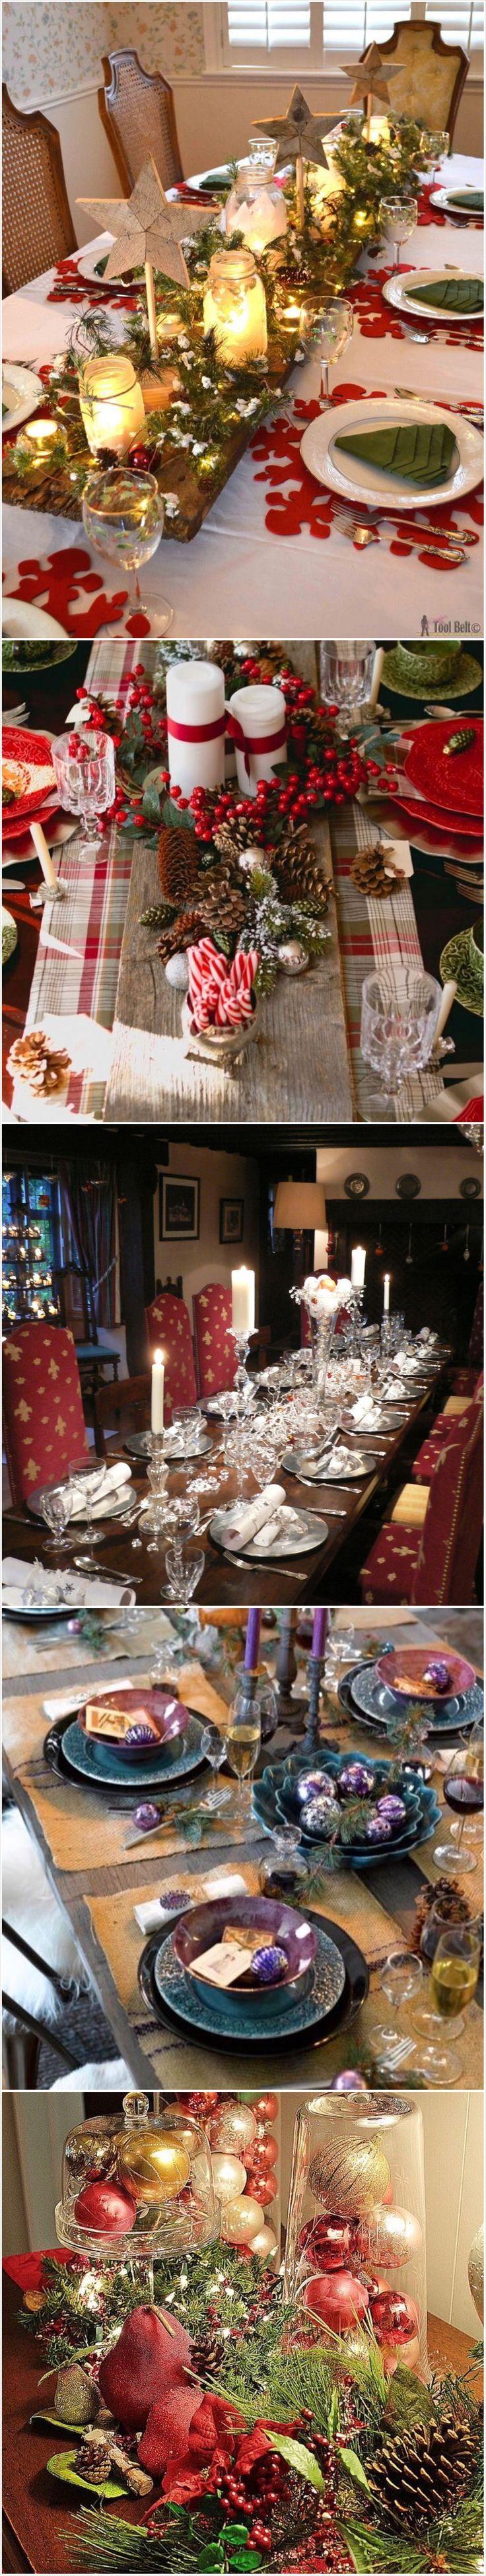 Christmas table decorations - 50 Stunning Christmas Table Settings